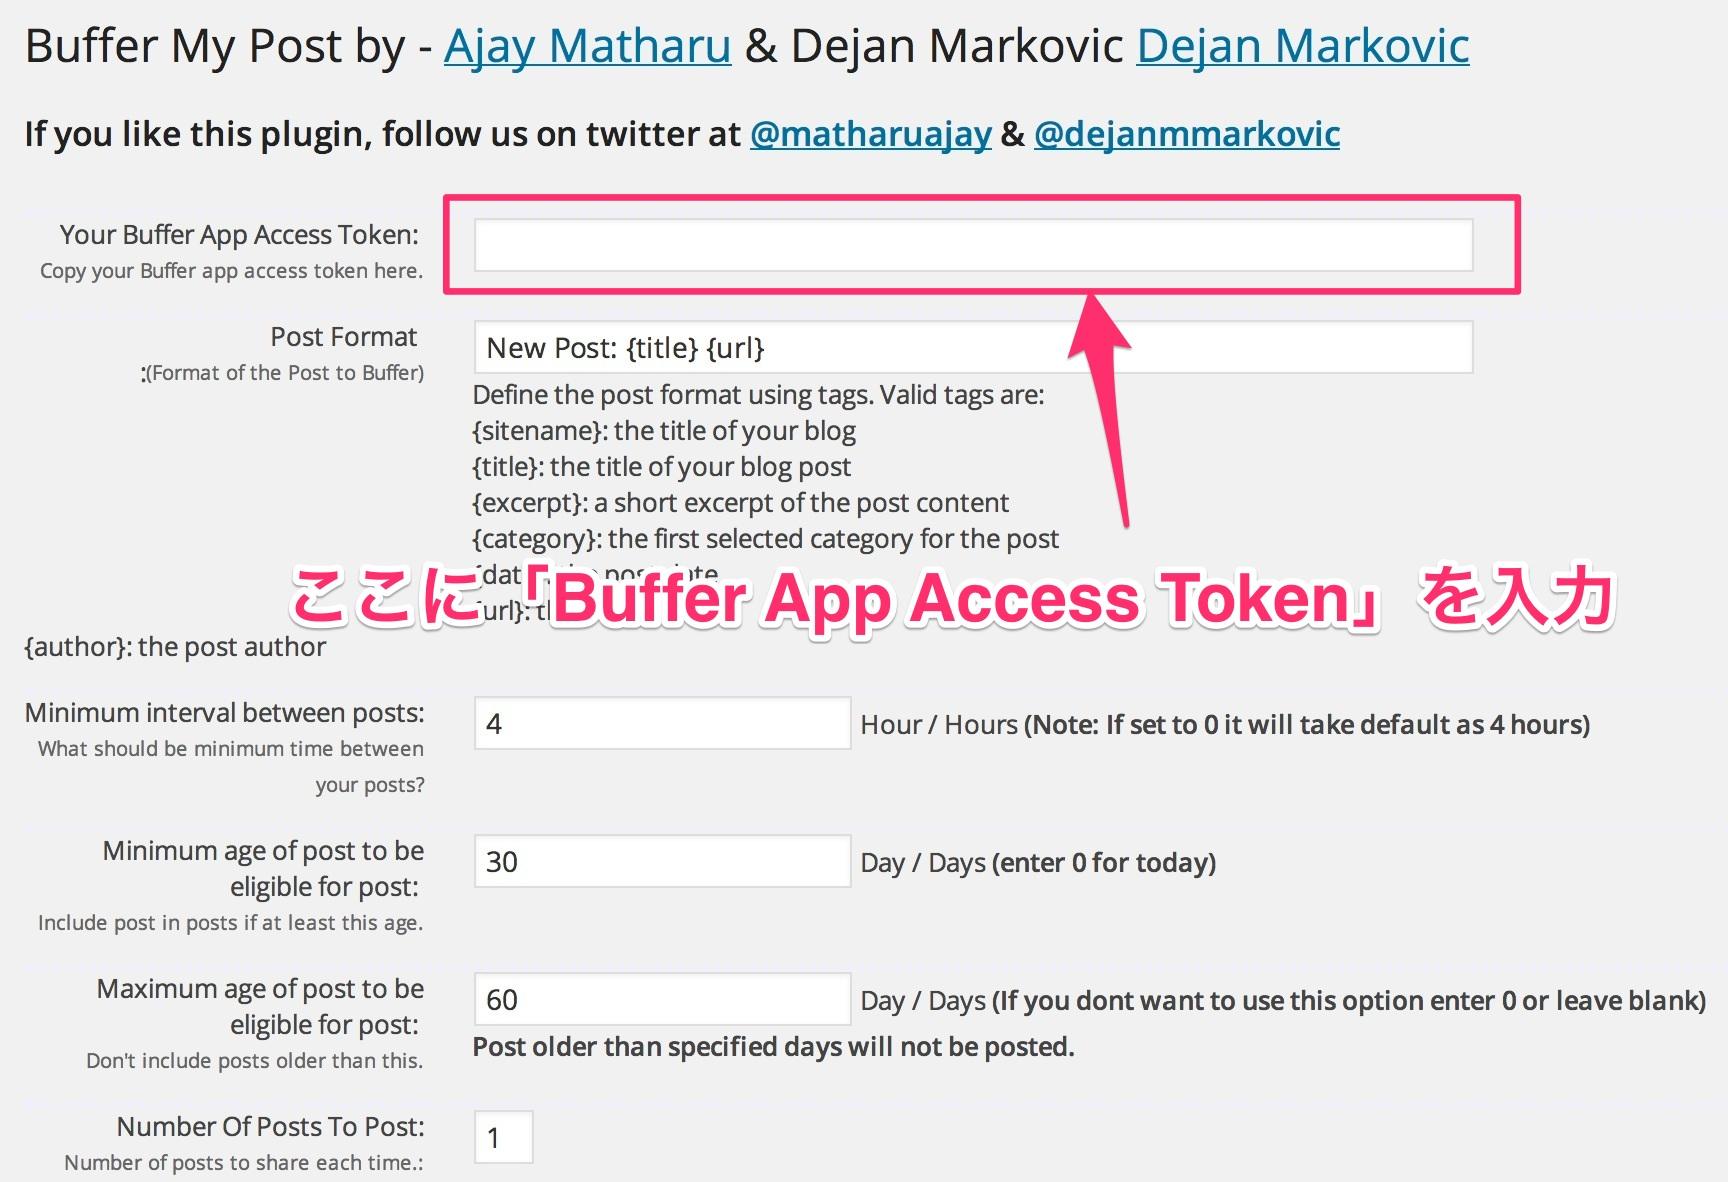 Buffer My Postで「Buffer App Access Token」を取得する